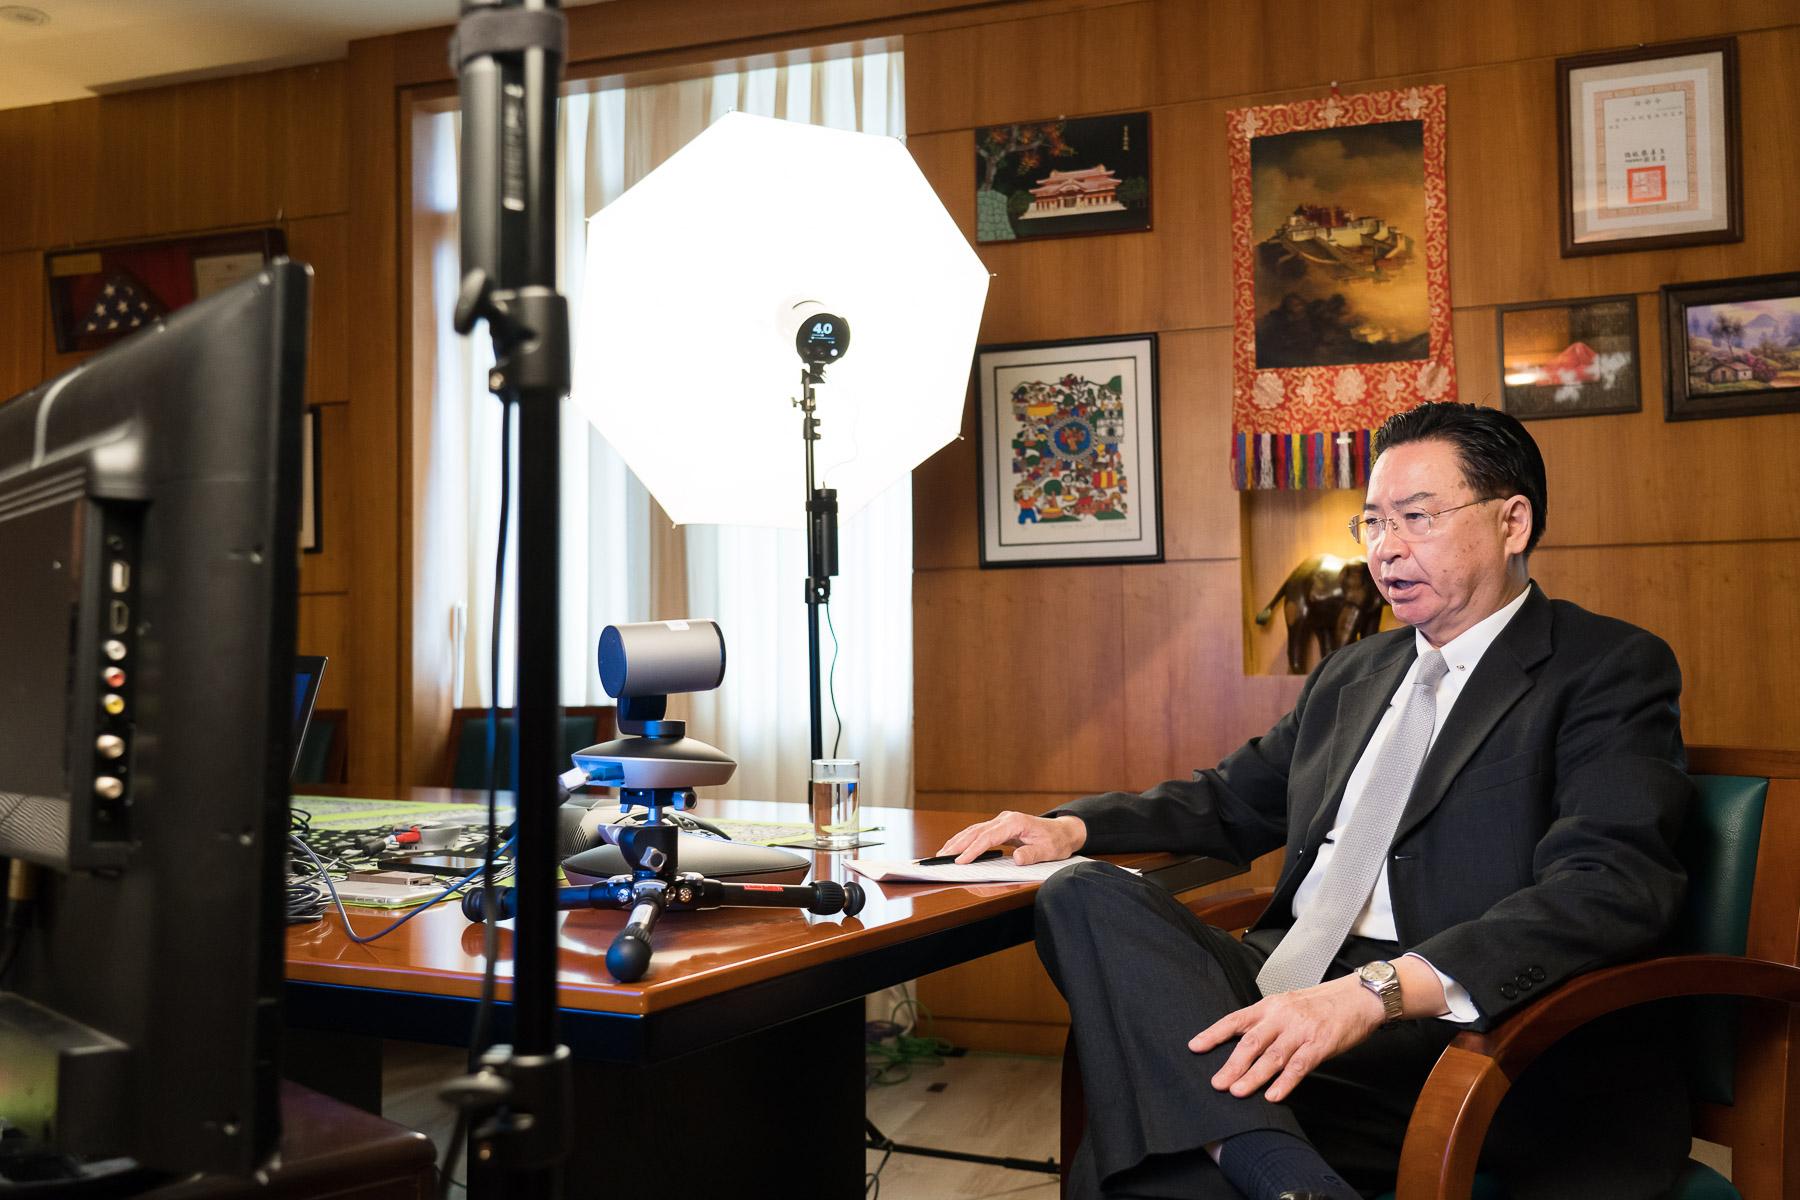 圖說:吳部長接受「澳洲廣播公司」The World國際新聞節目Behind the Wall單元主持人Stan Grant視訊專訪。